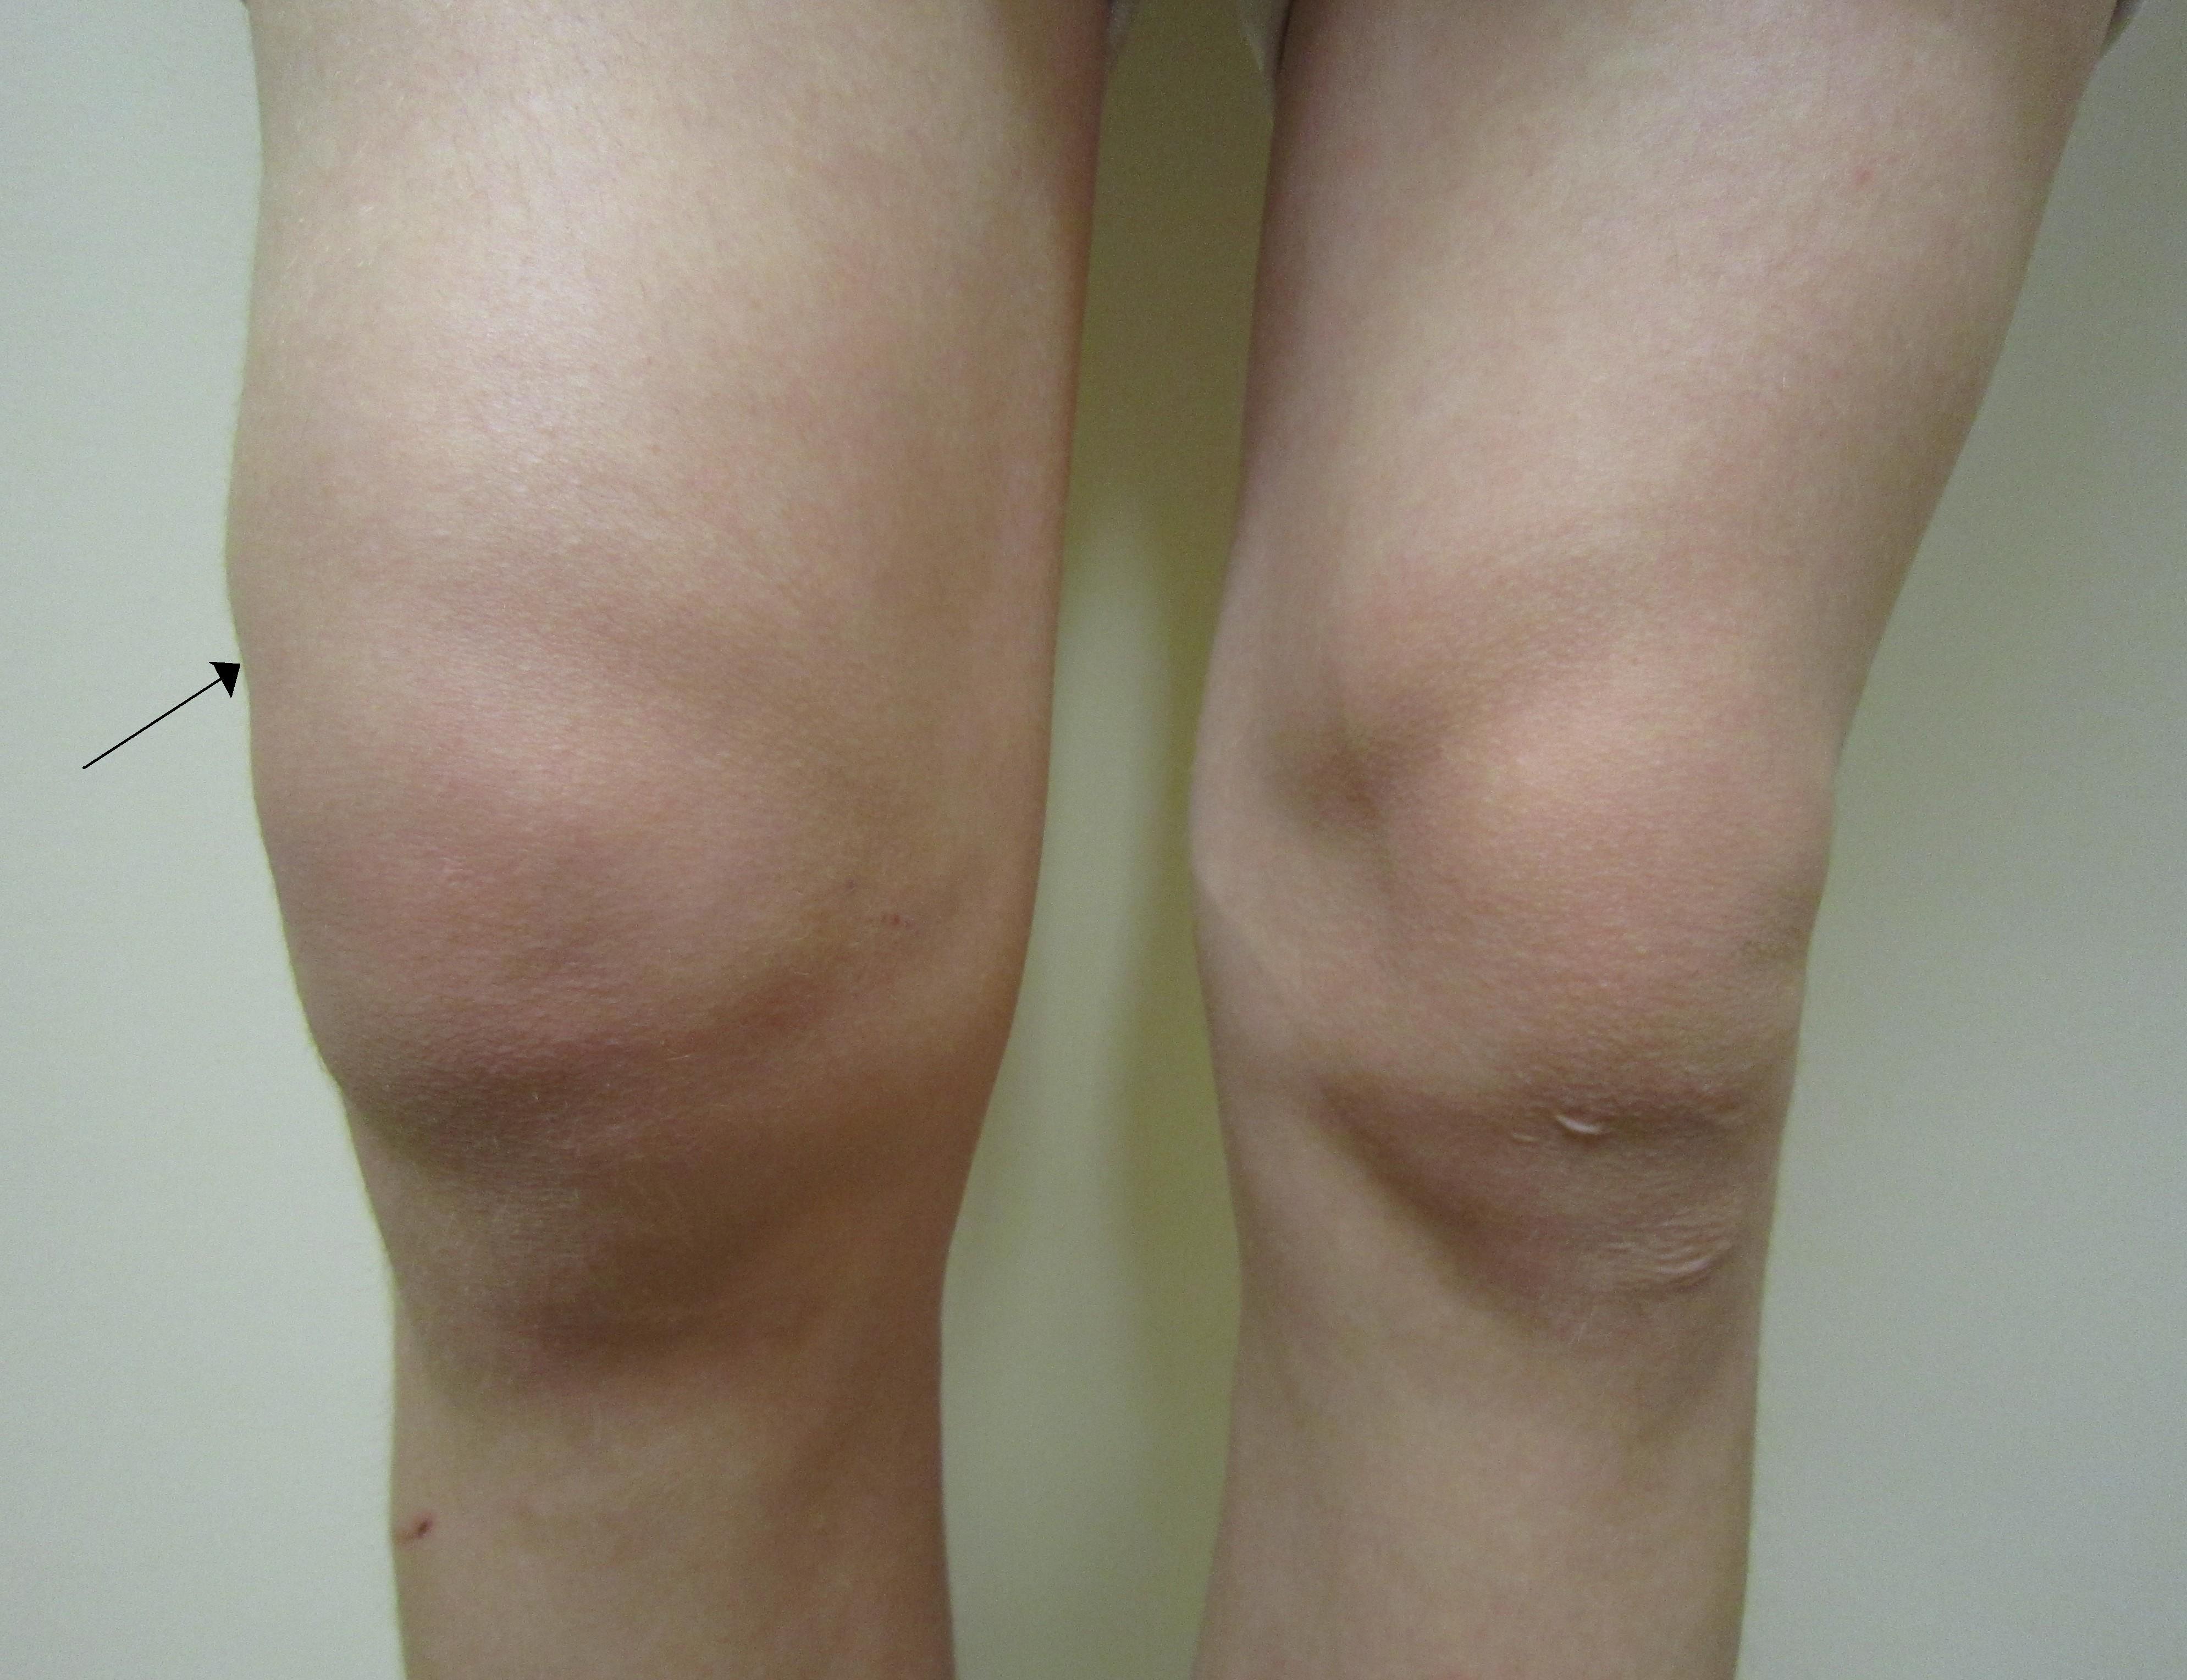 proces inflamator în tratamentul articulațiilor genunchiului